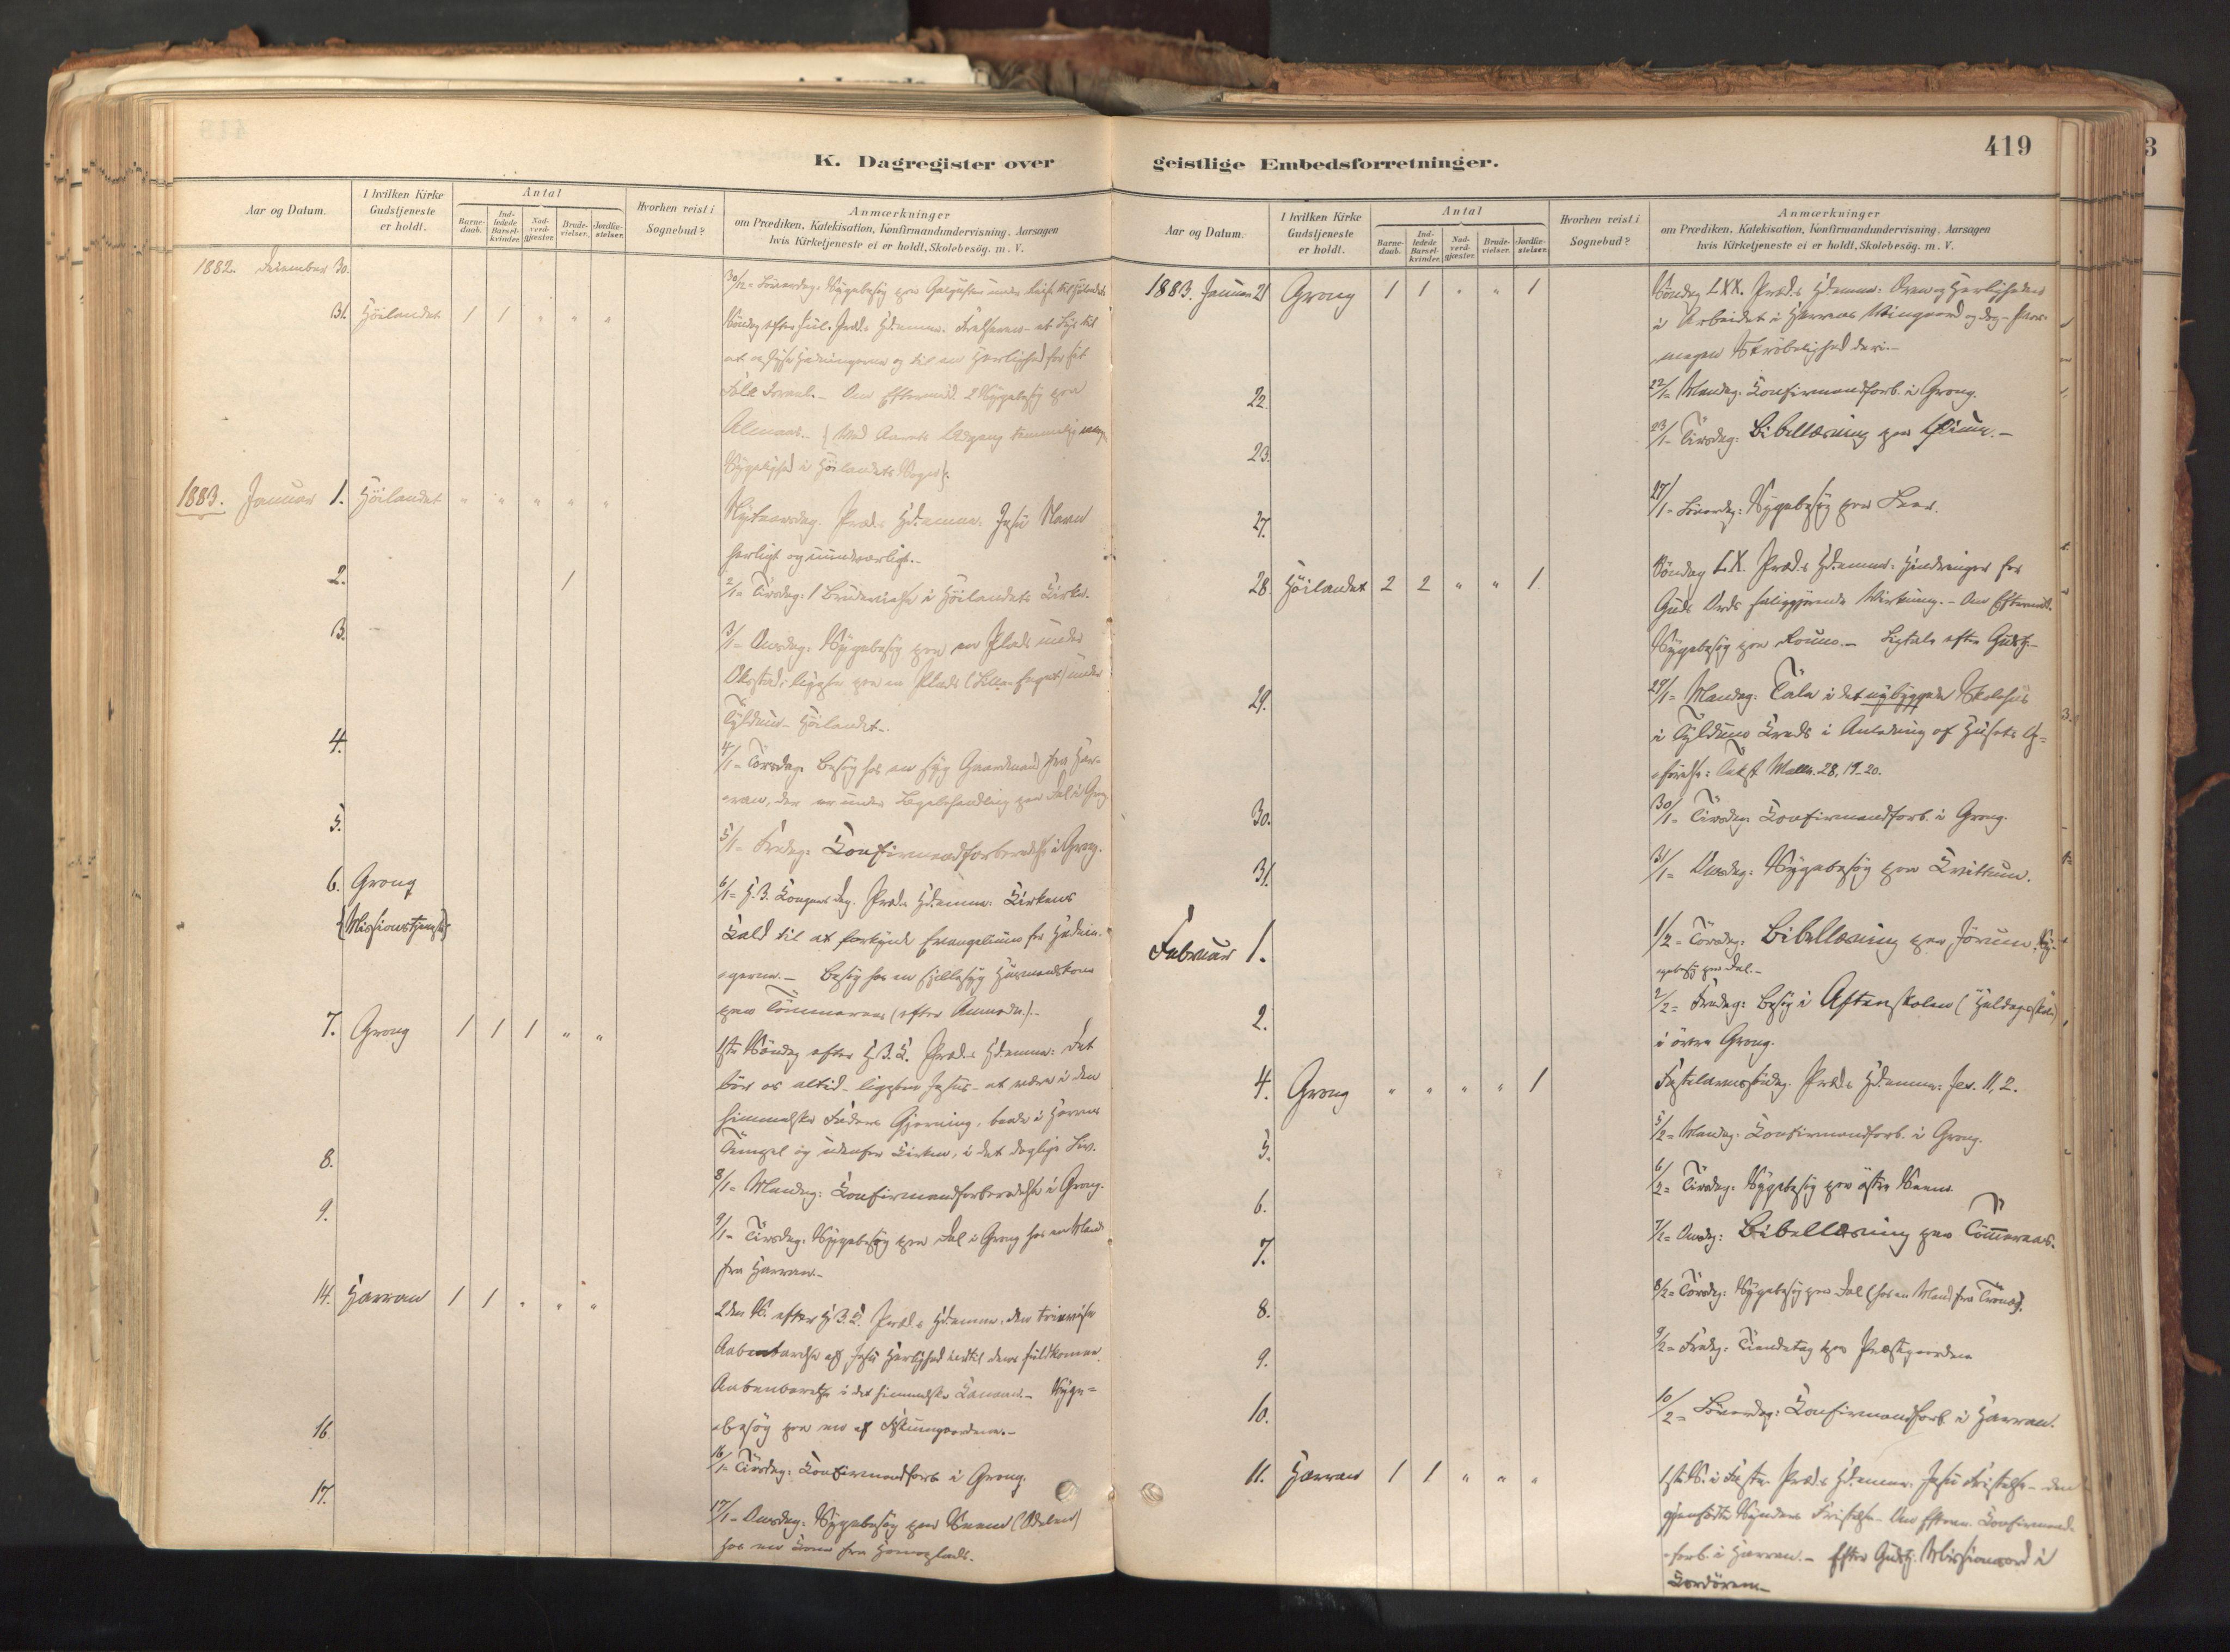 SAT, Ministerialprotokoller, klokkerbøker og fødselsregistre - Nord-Trøndelag, 758/L0519: Ministerialbok nr. 758A04, 1880-1926, s. 419